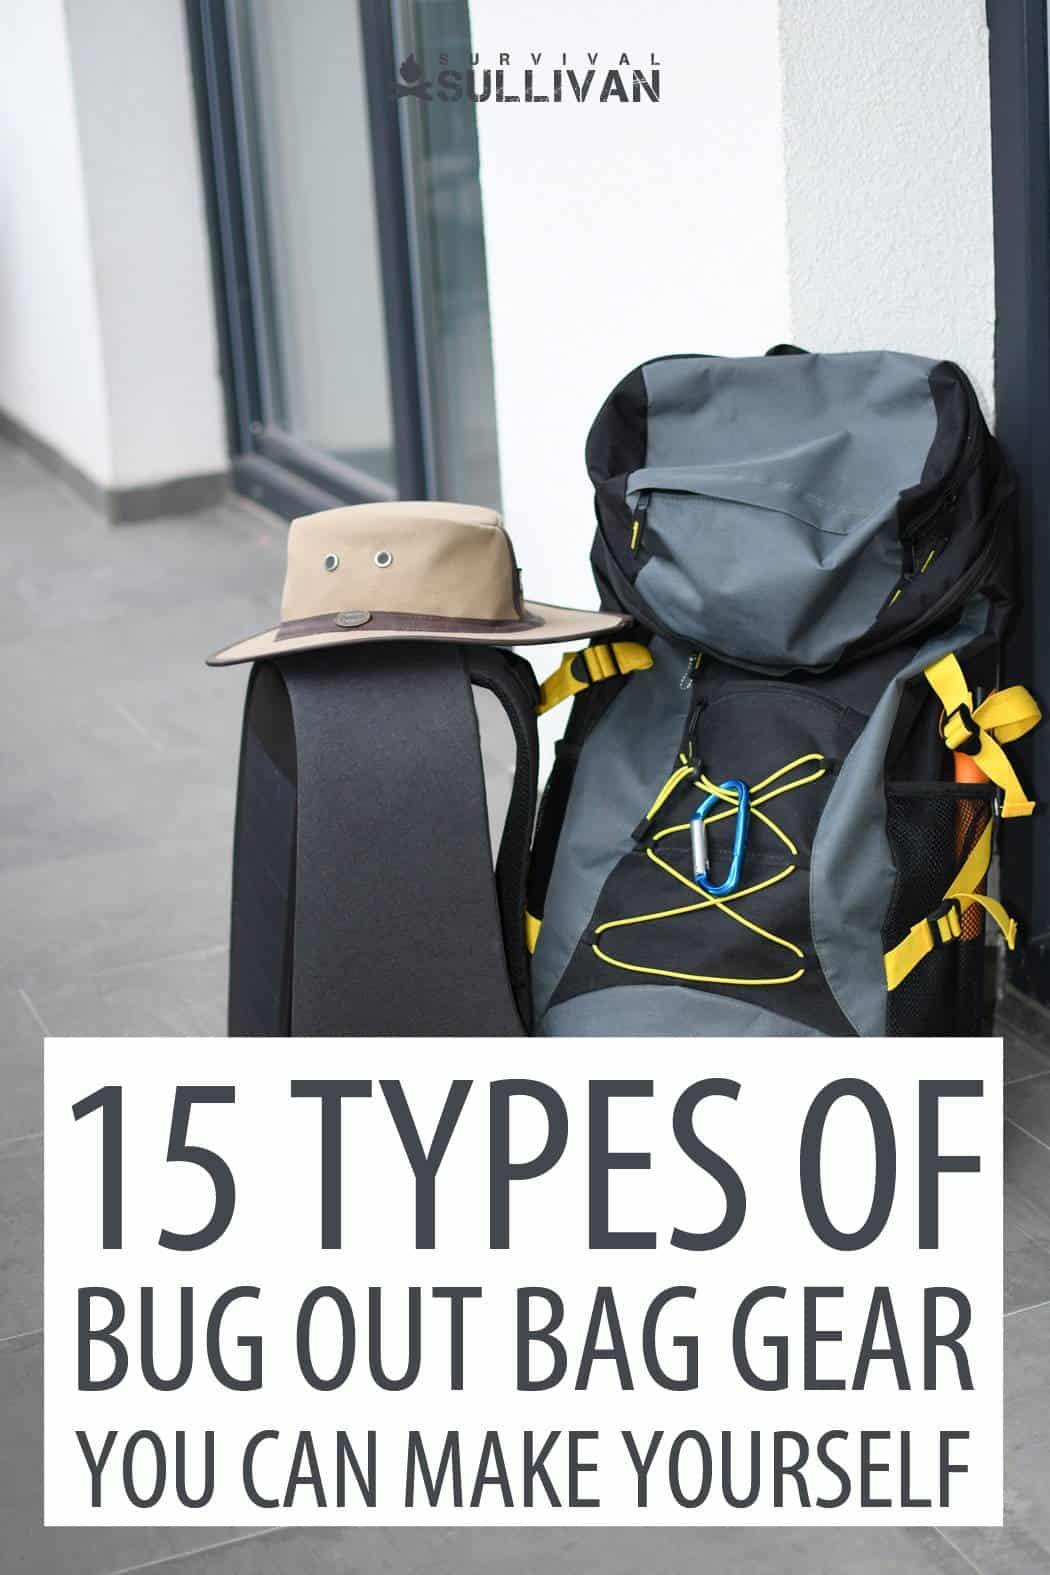 bug out bag DIY gear Pinterest image